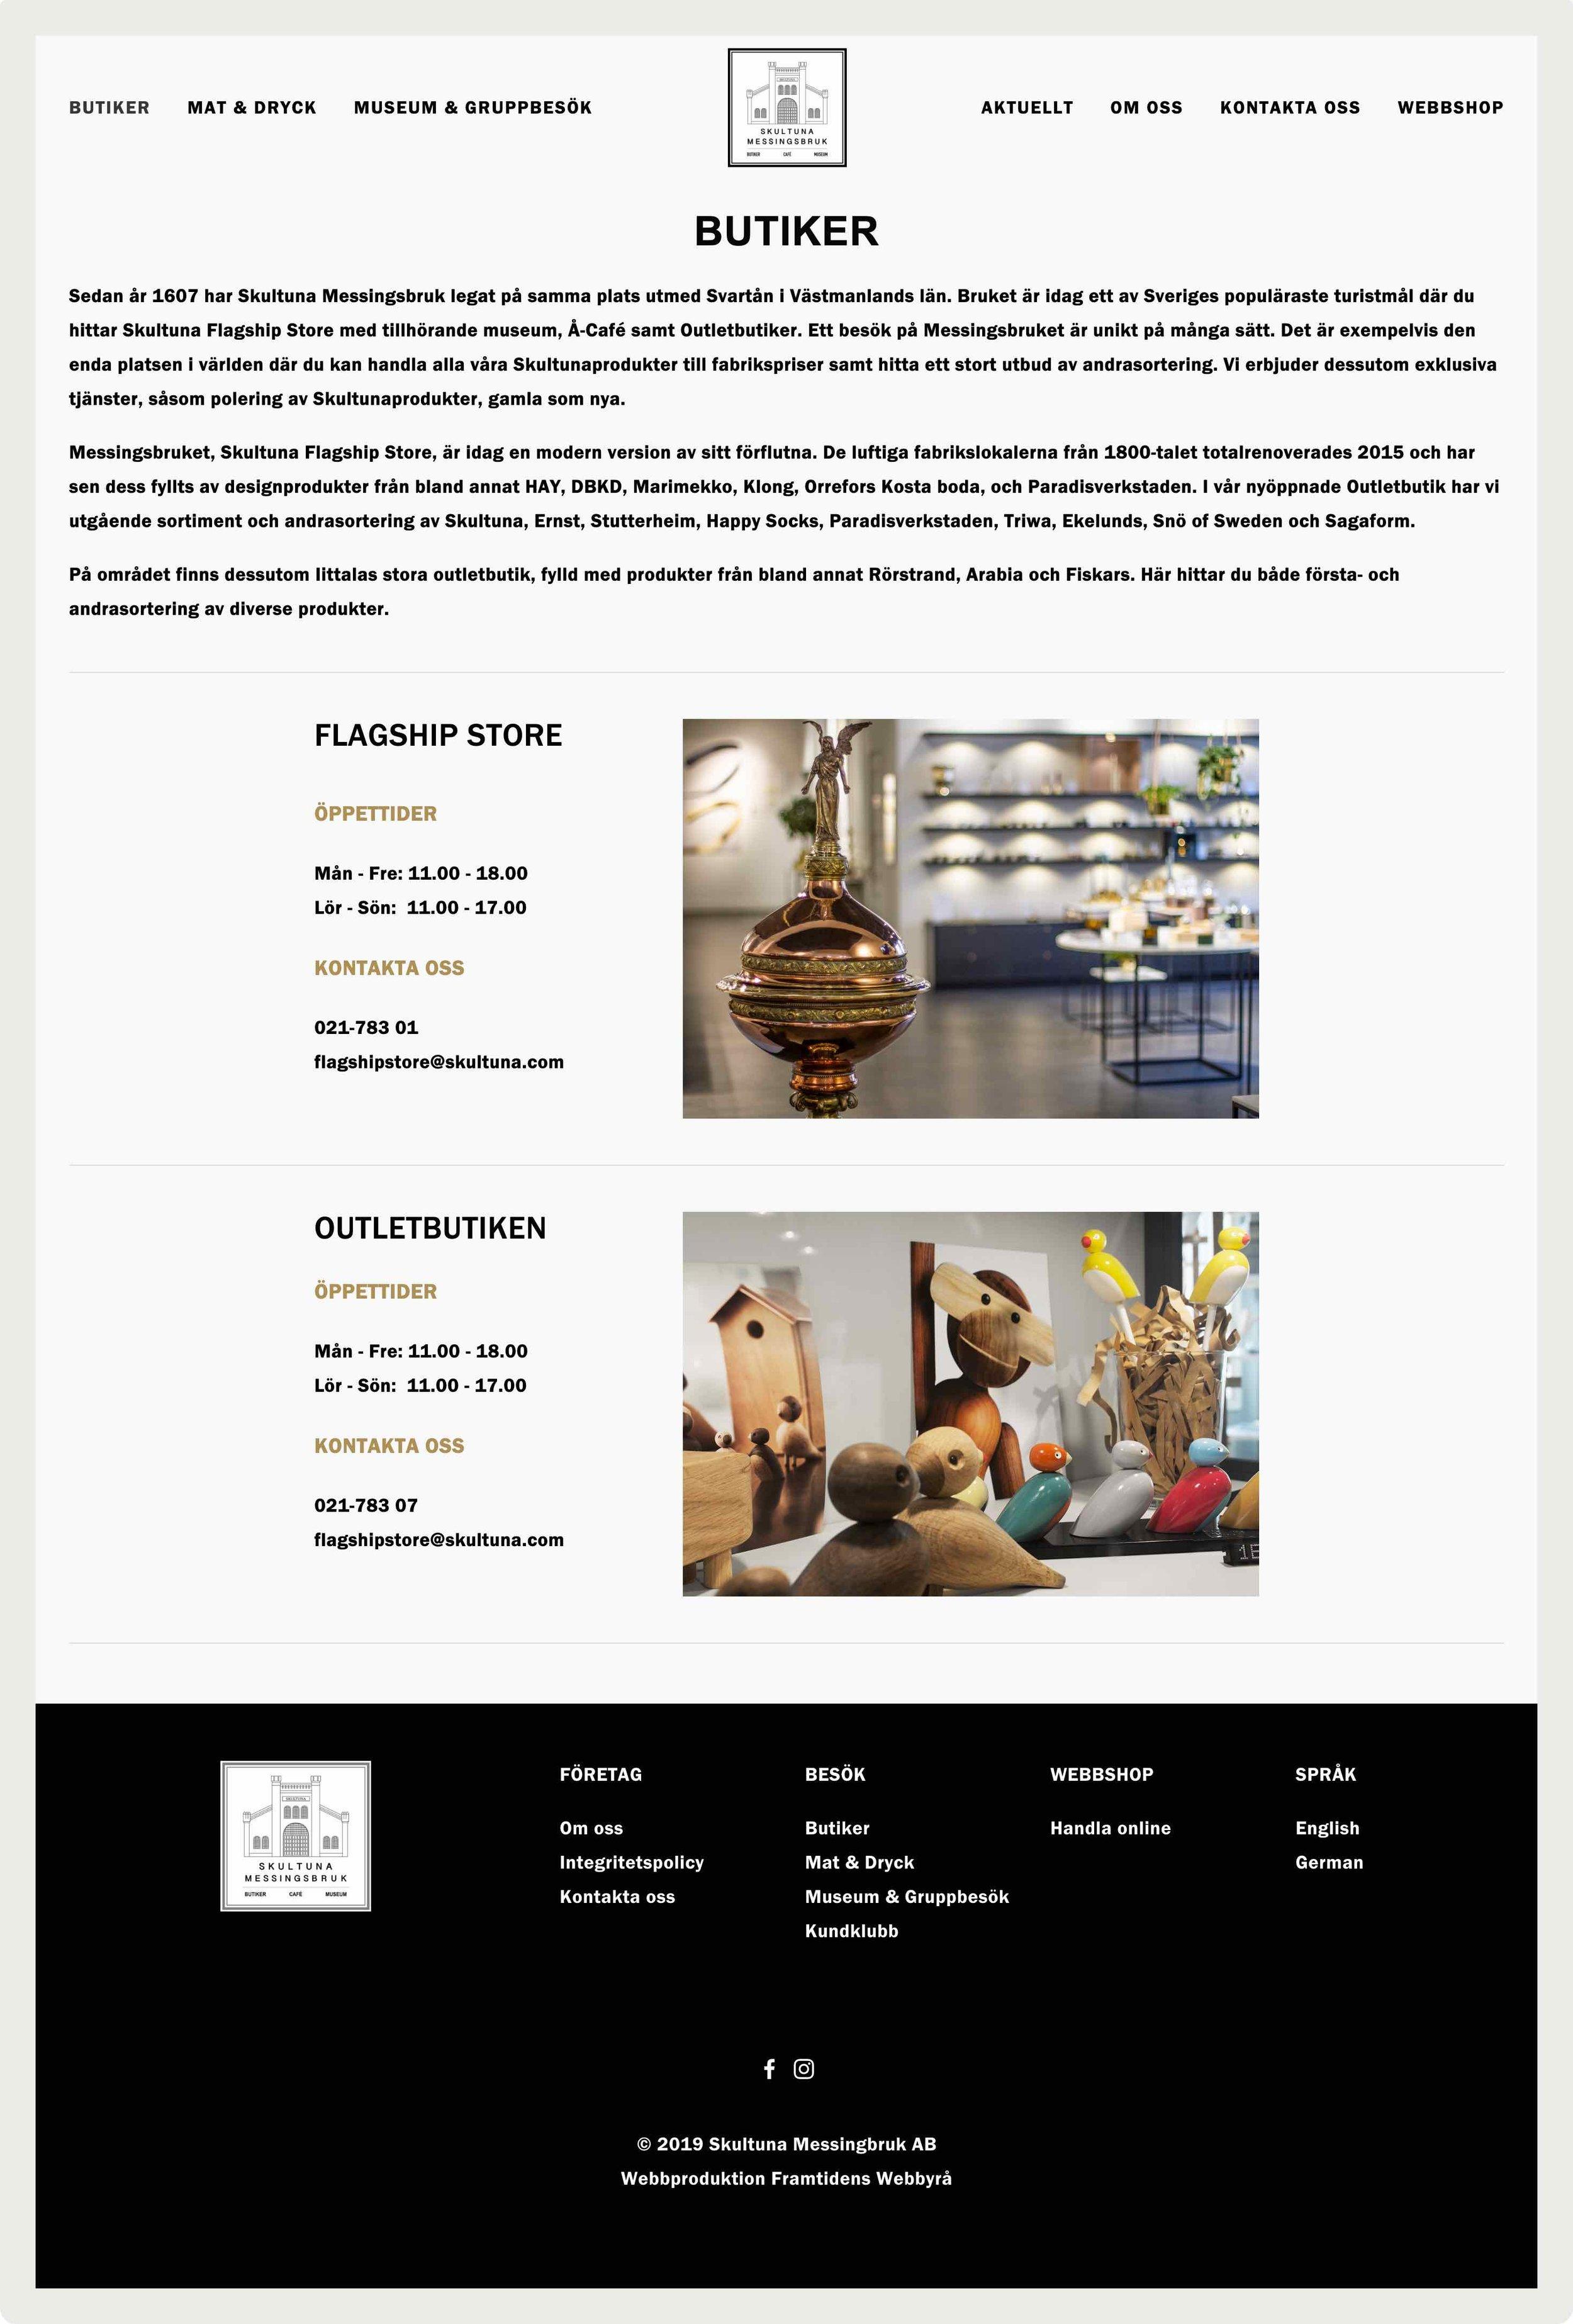 framtidens-webbyrå-webbplats-uppdrag-skultuna-fabriksbutiker-butiker.jpg